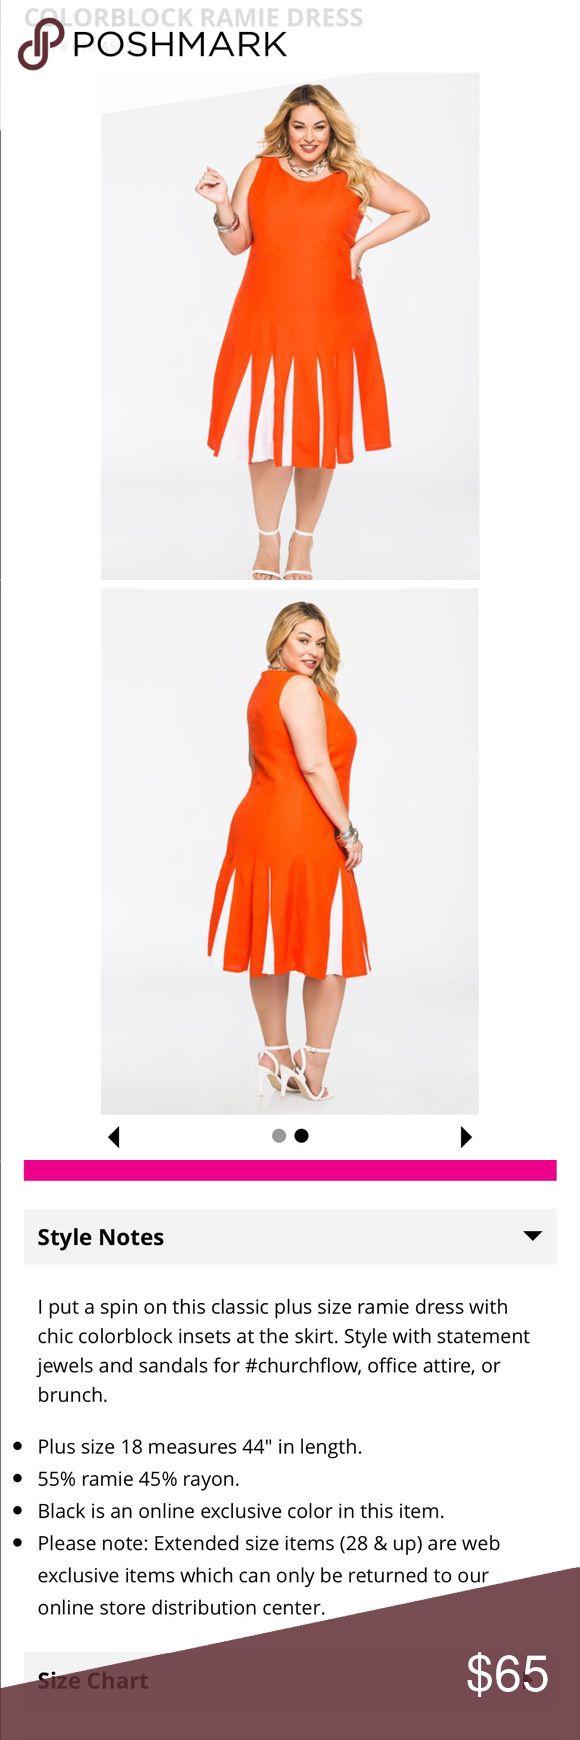 Womens Plus Size Color Block Ramie Dress Go out on the town with this Ramie color block dress Ashley Stewart Dresses